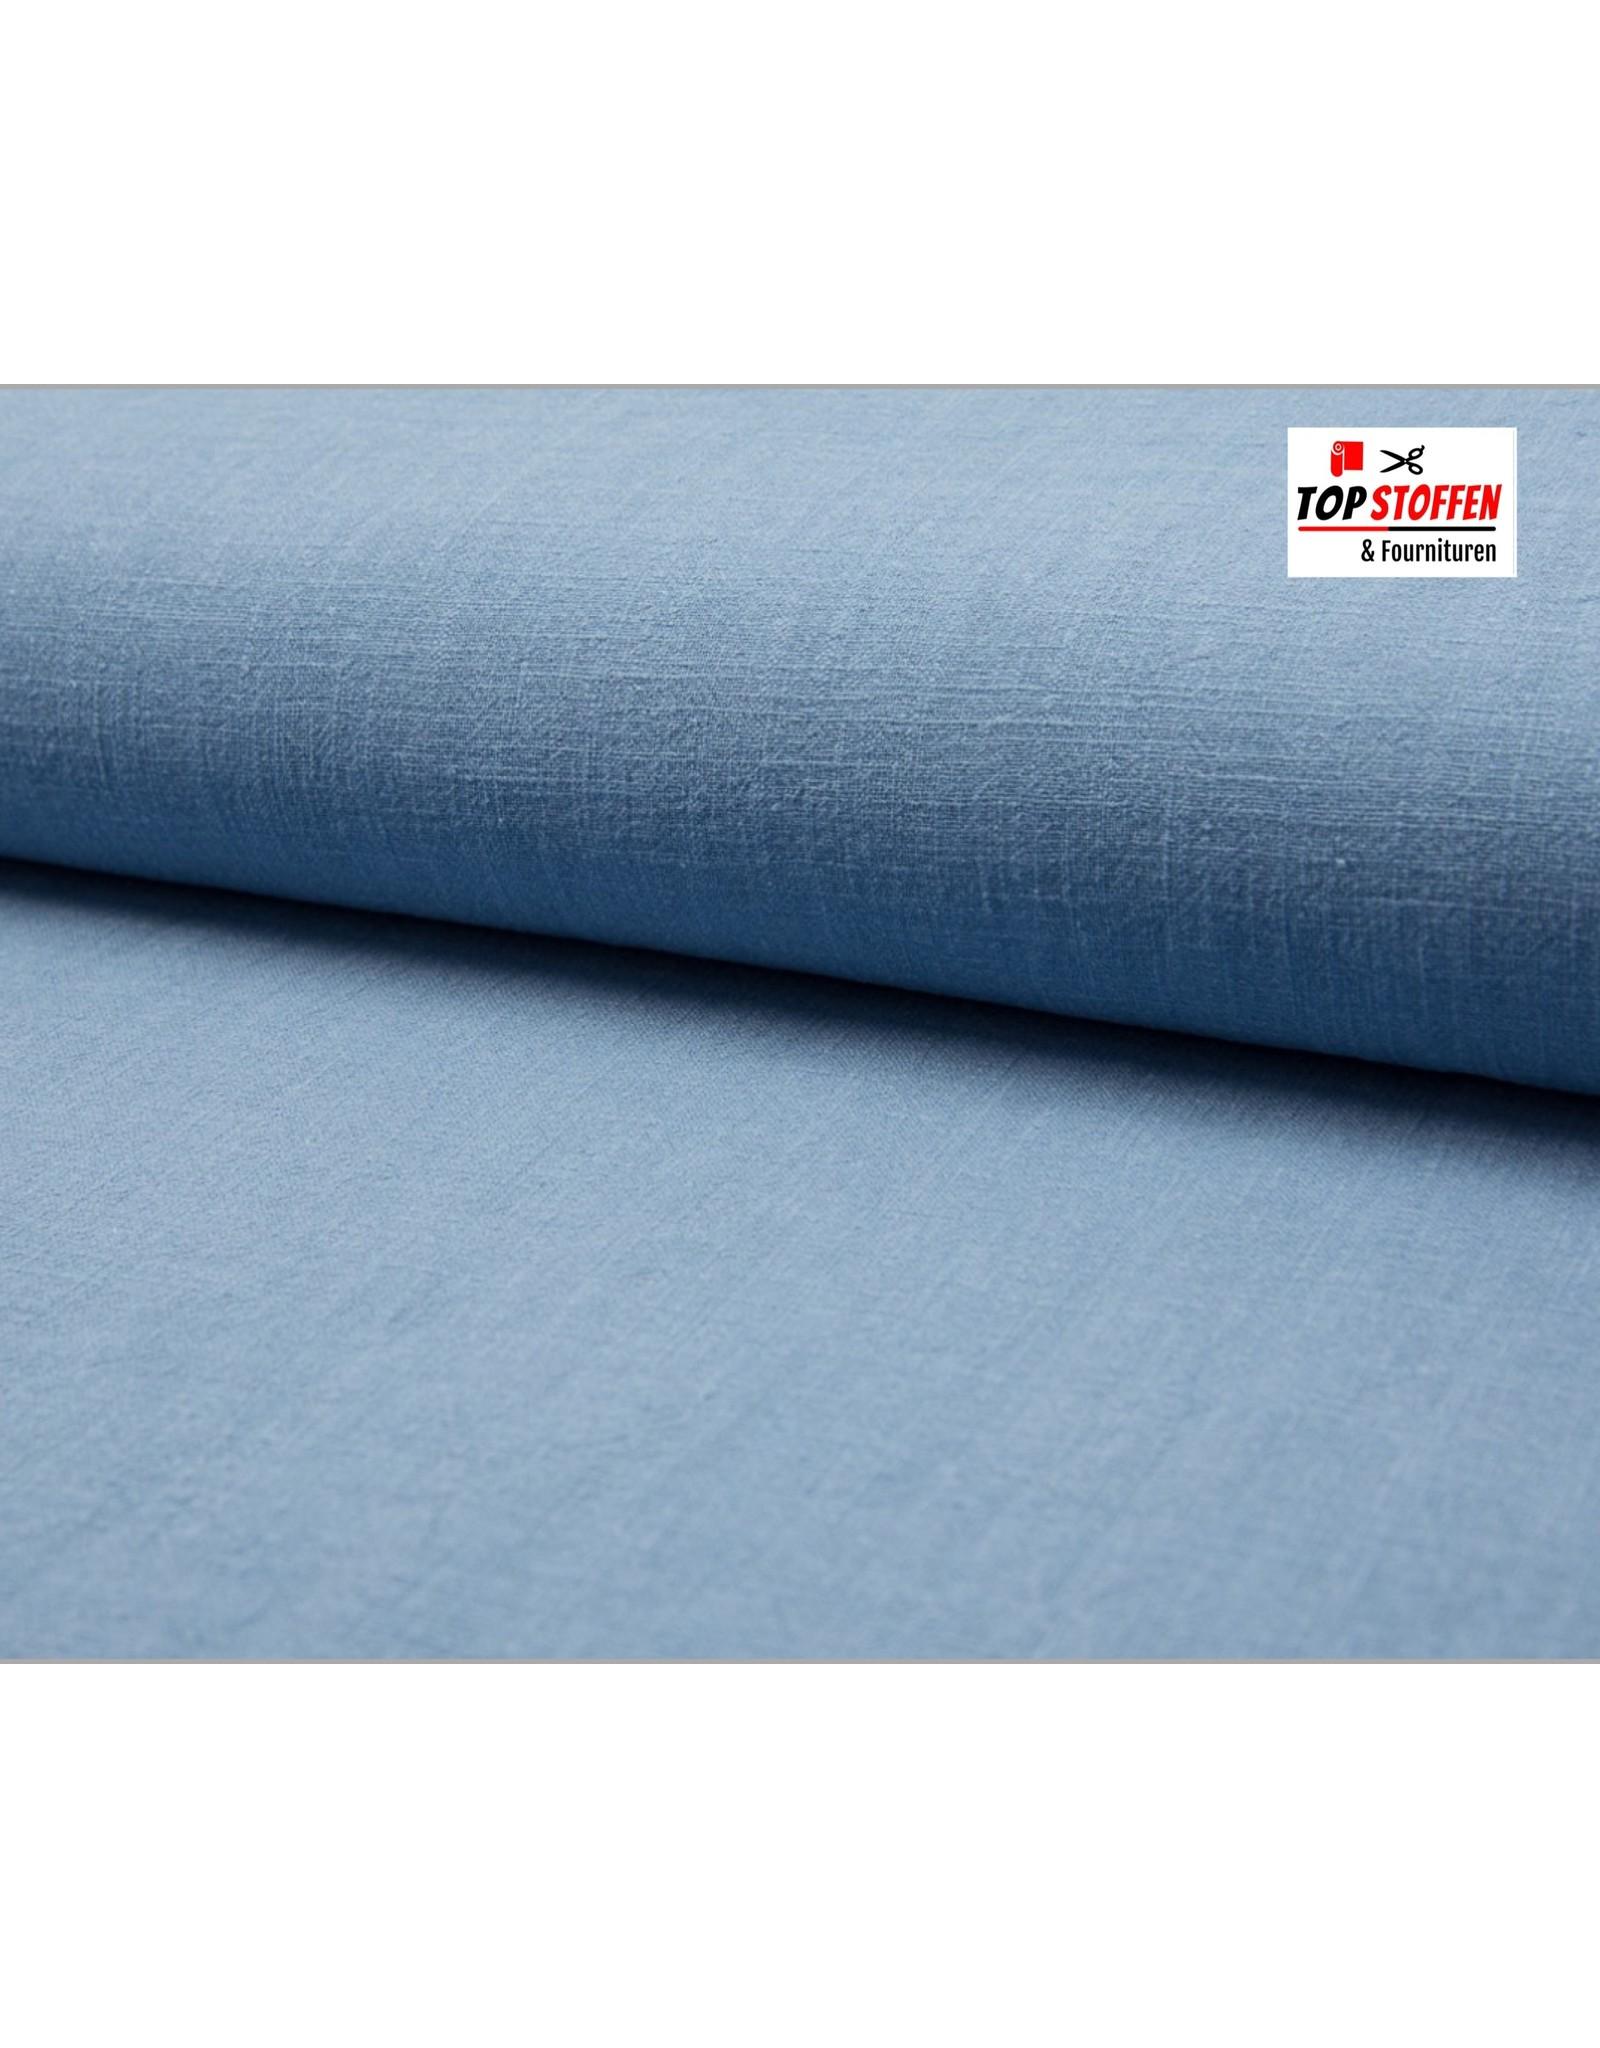 Gewassen Linnen - Jeans blauw